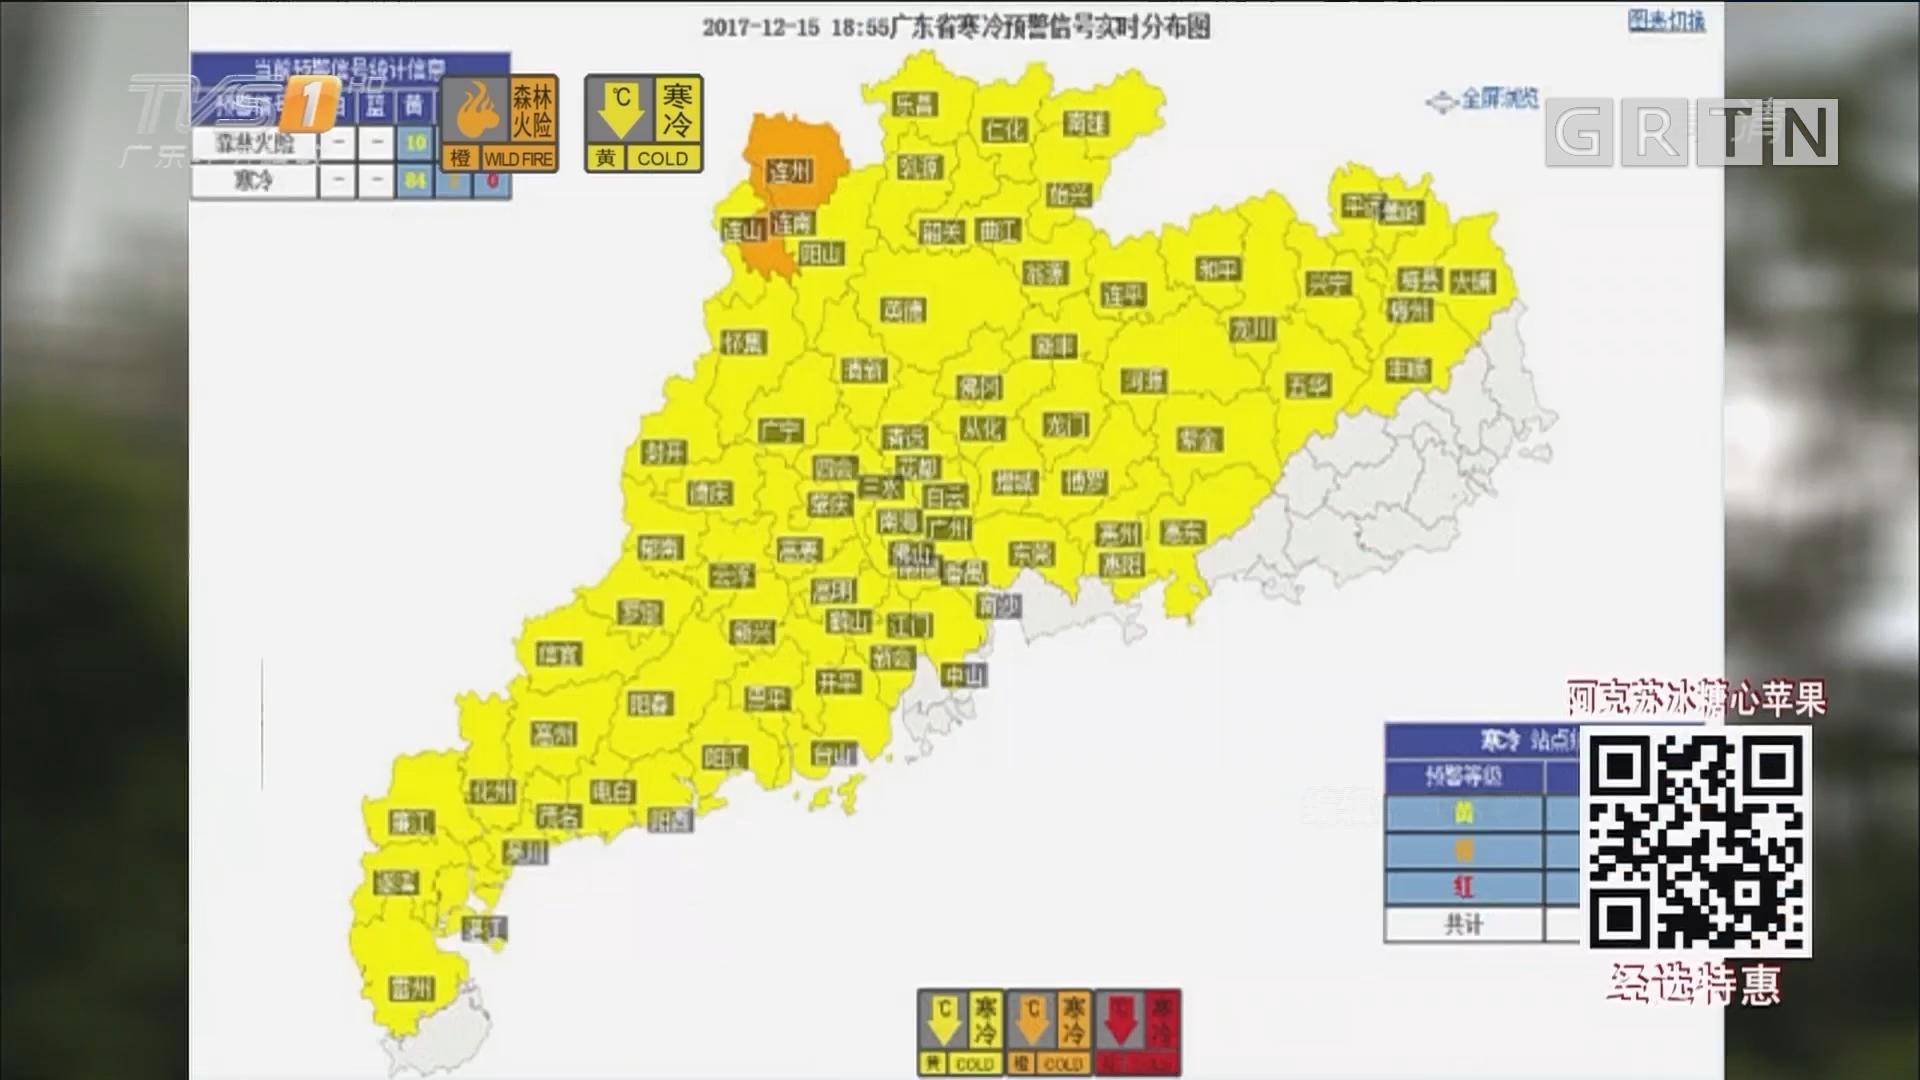 一大波冷空气在路上 广东多地发布寒冷预警